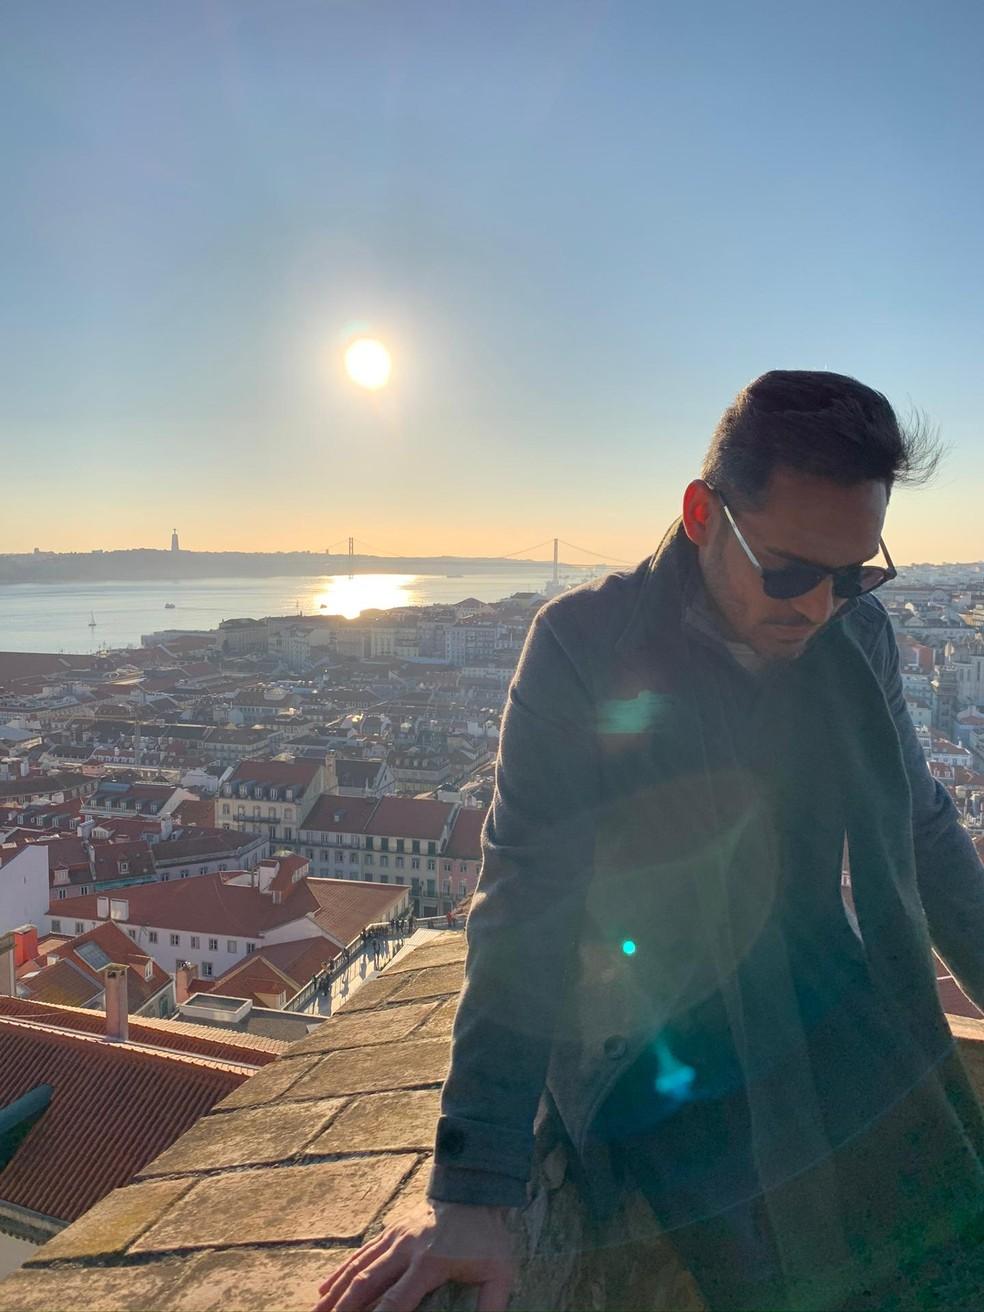 Cantor vive em Portugal há 8 anos. — Foto: Arquivo pessoal/Soll